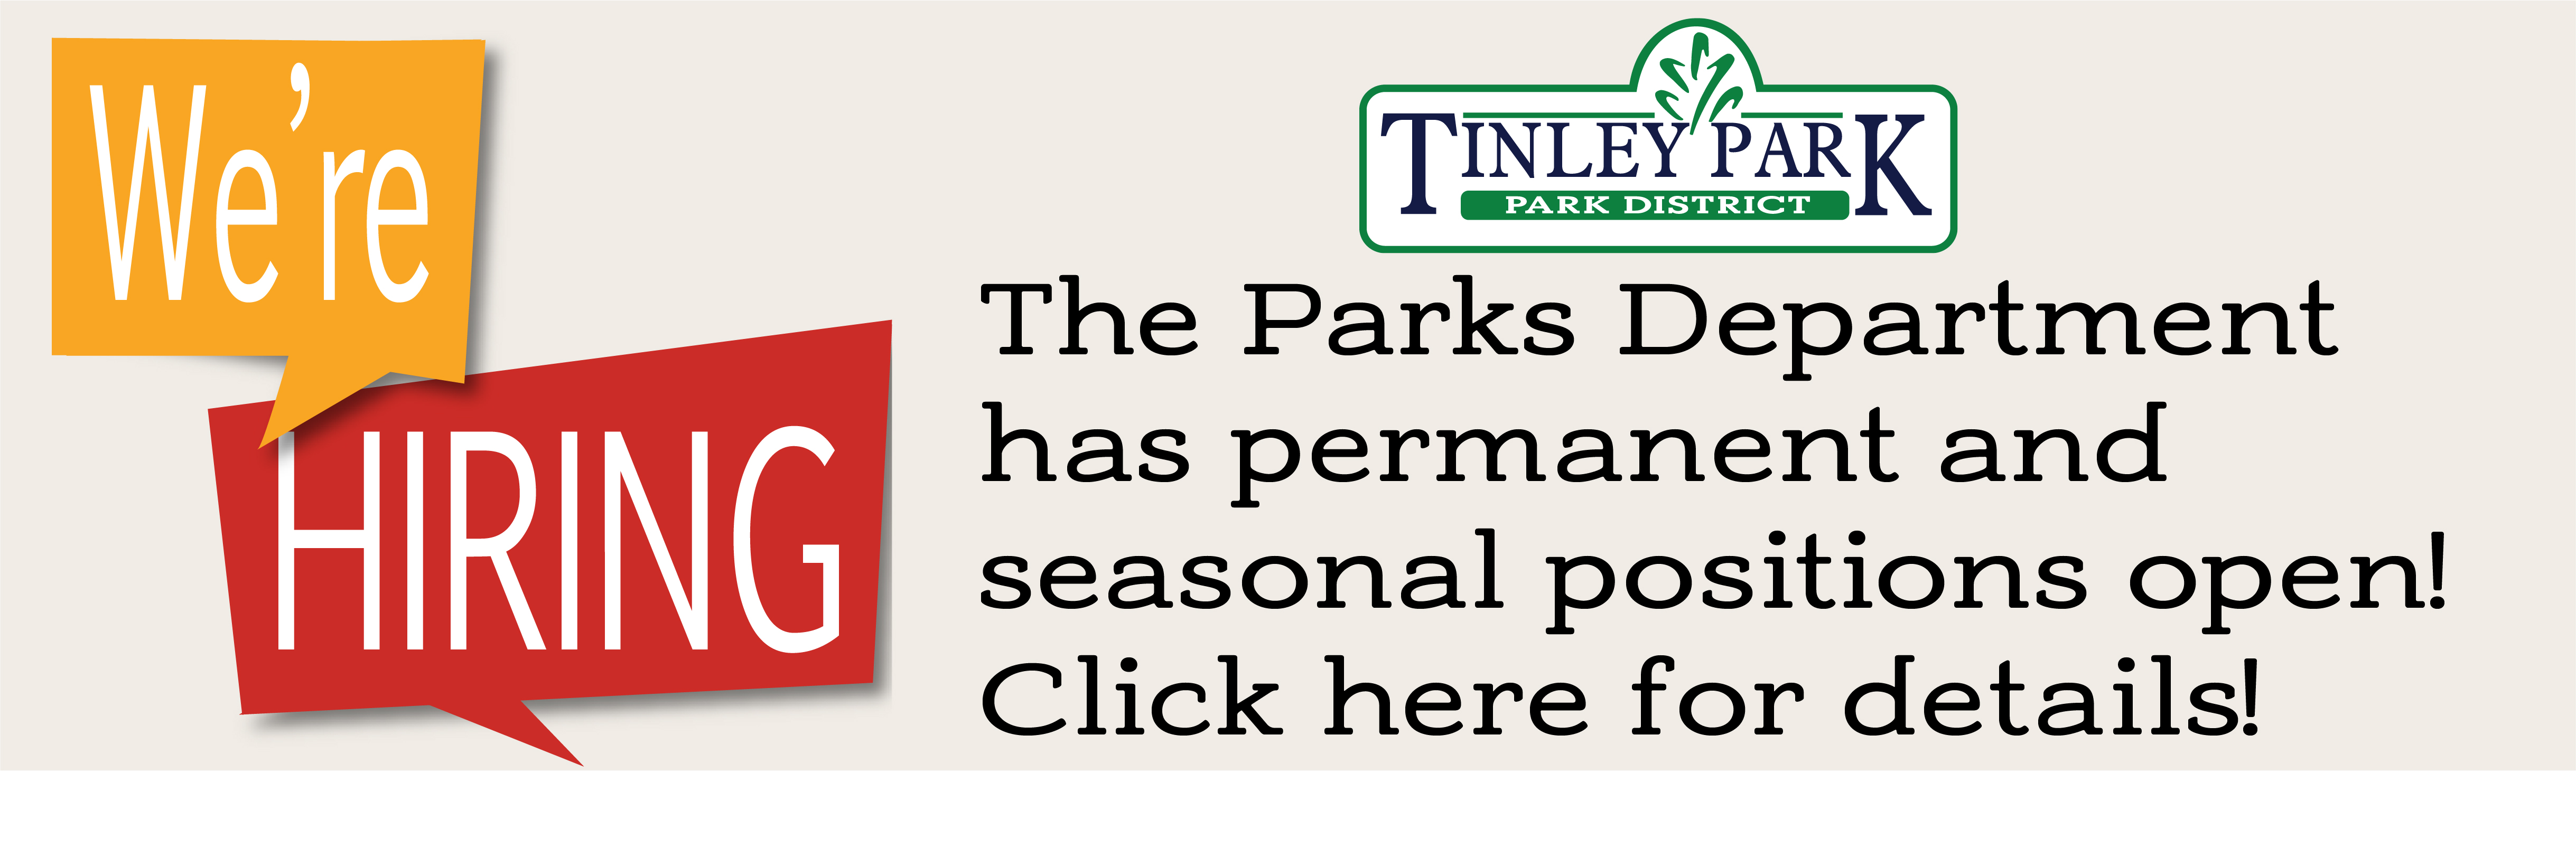 Parks Dept hiring